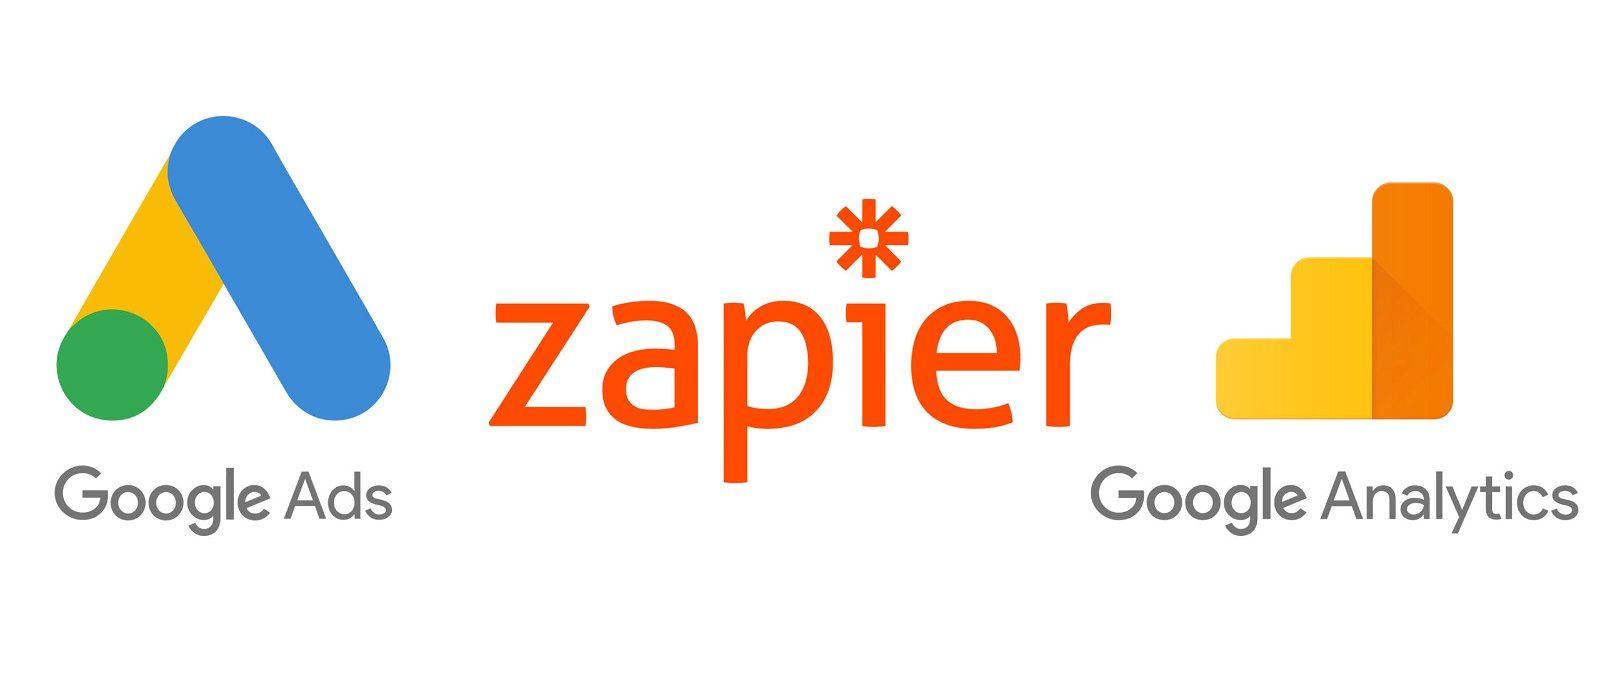 Google Ads-Google Analytics- Zapier